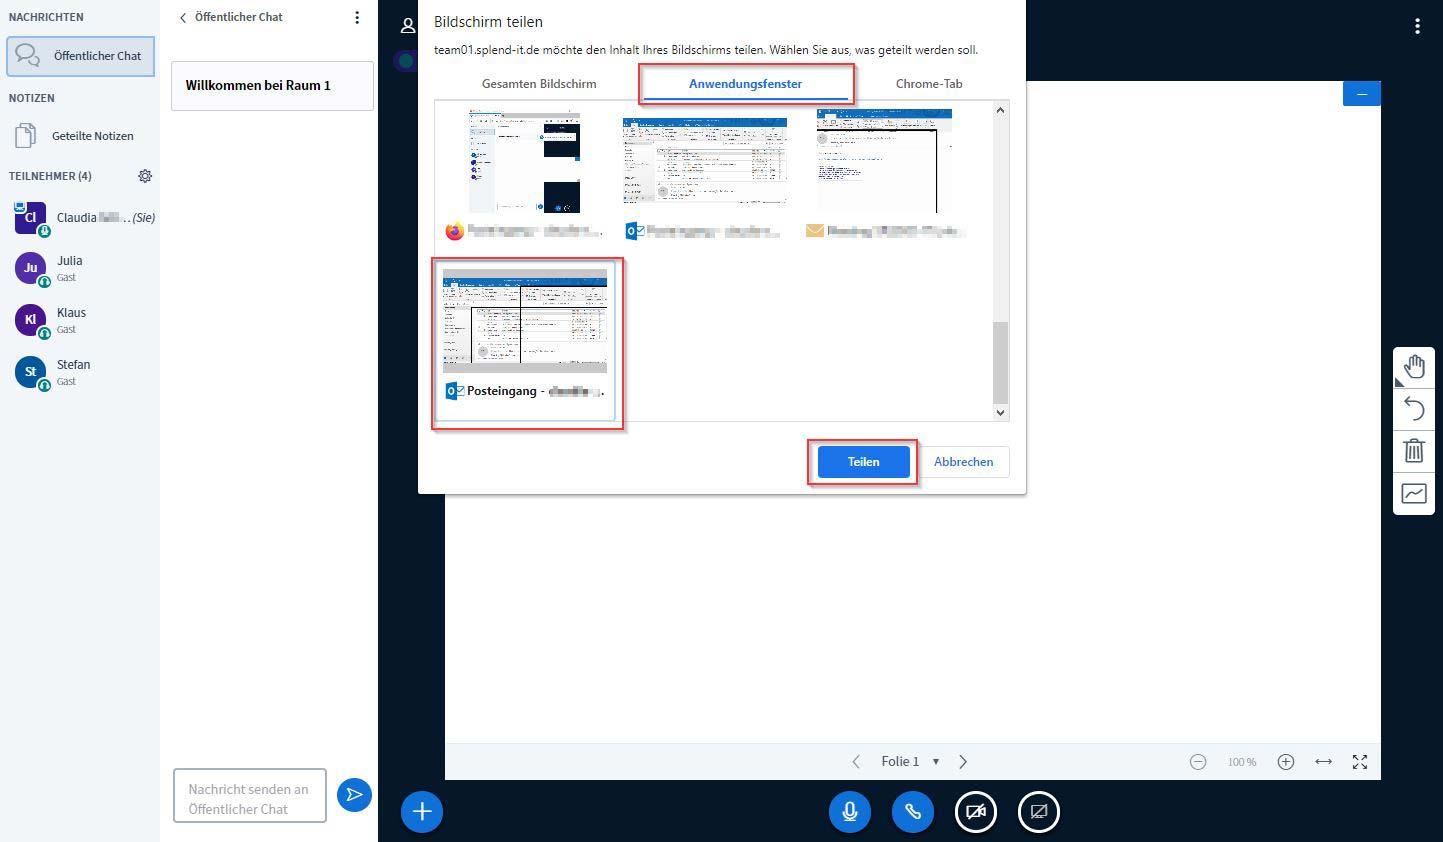 So gehts! Bildschirm teilen: : Ganzer Bildschirm oder nur bestimmte Anwendungsfenster können geteilt werden